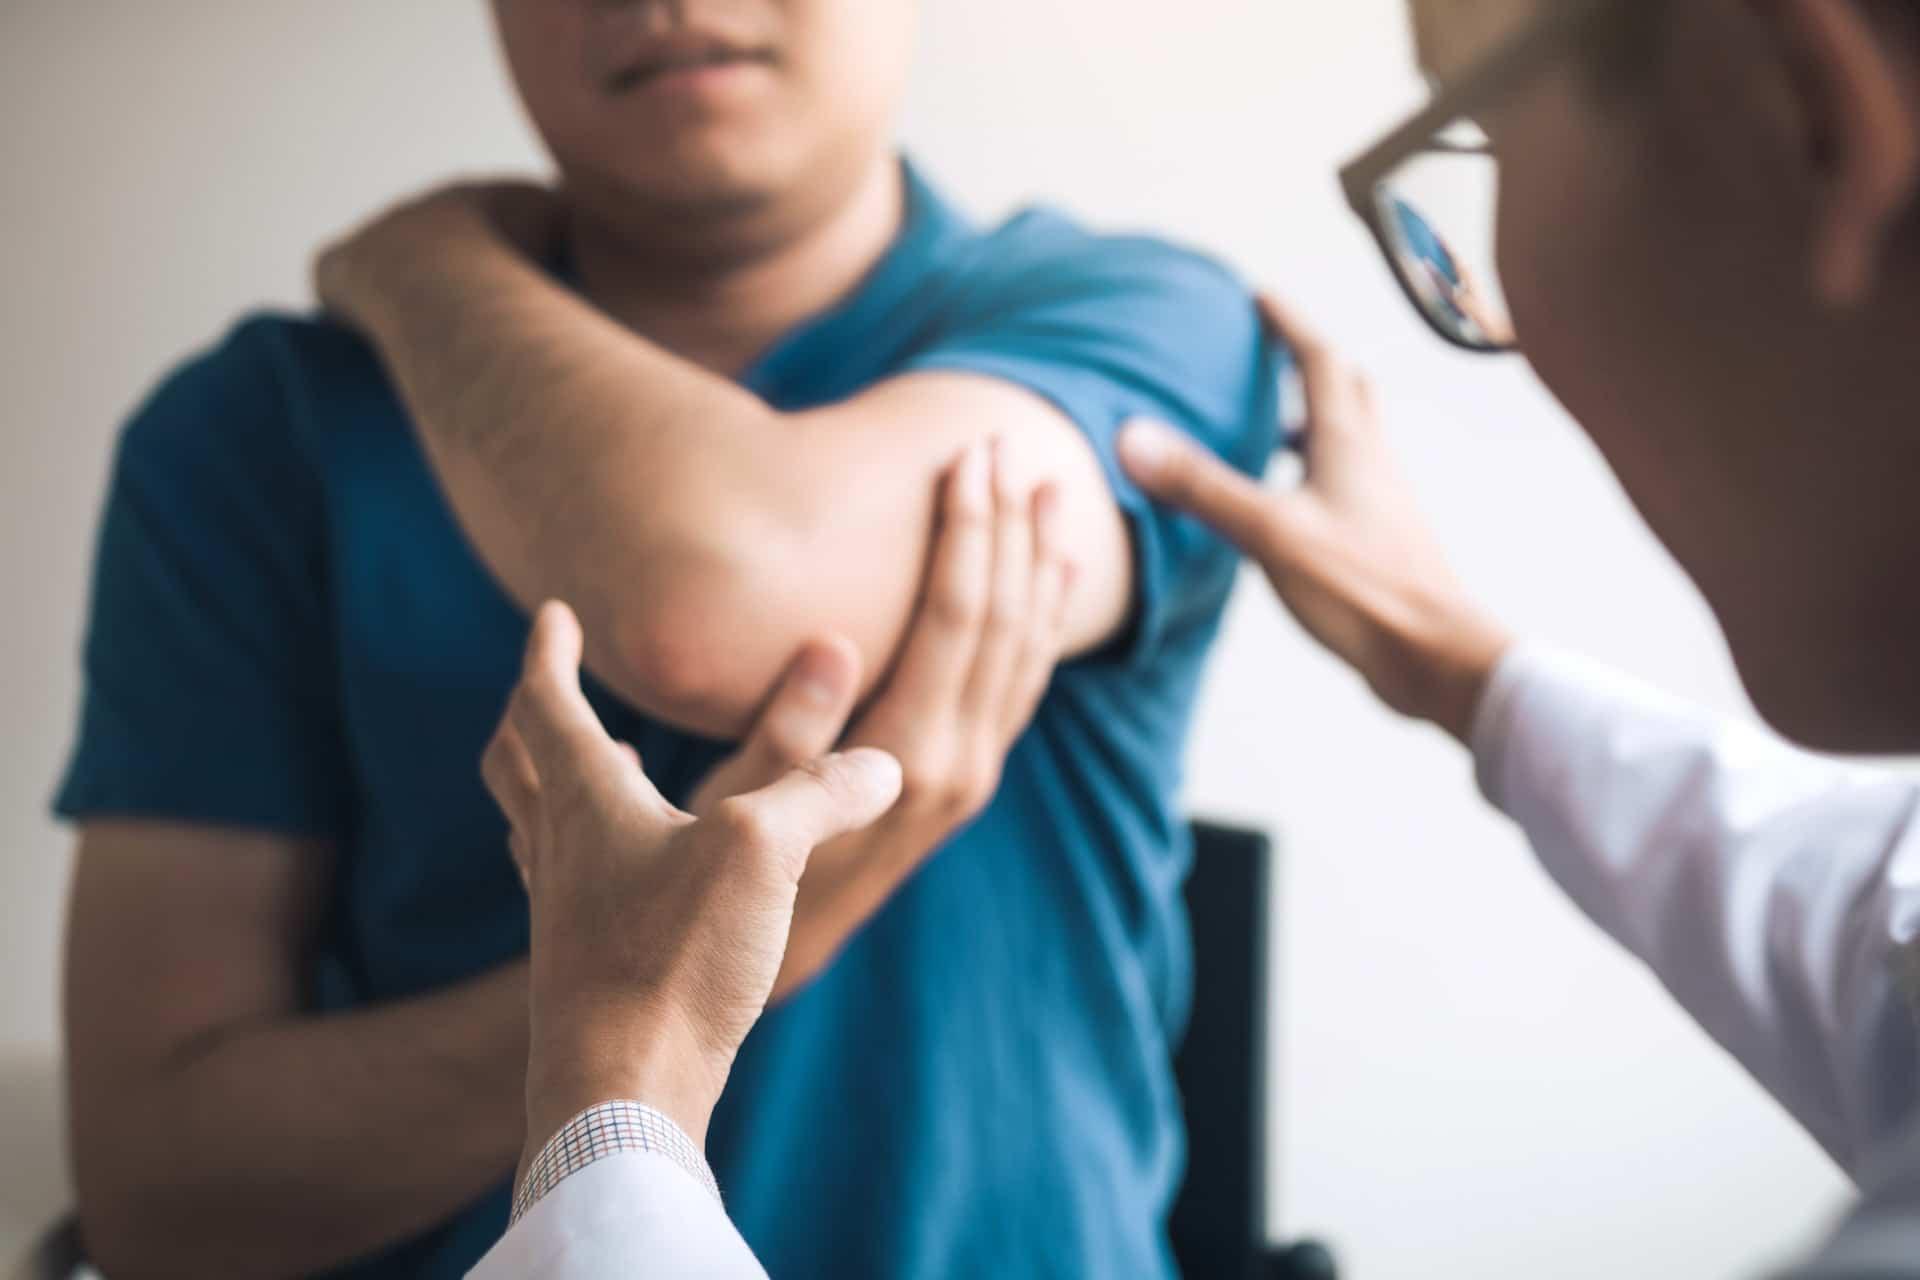 Ellbogenschmerzen - Sehnenentzündung im Ellenbogen